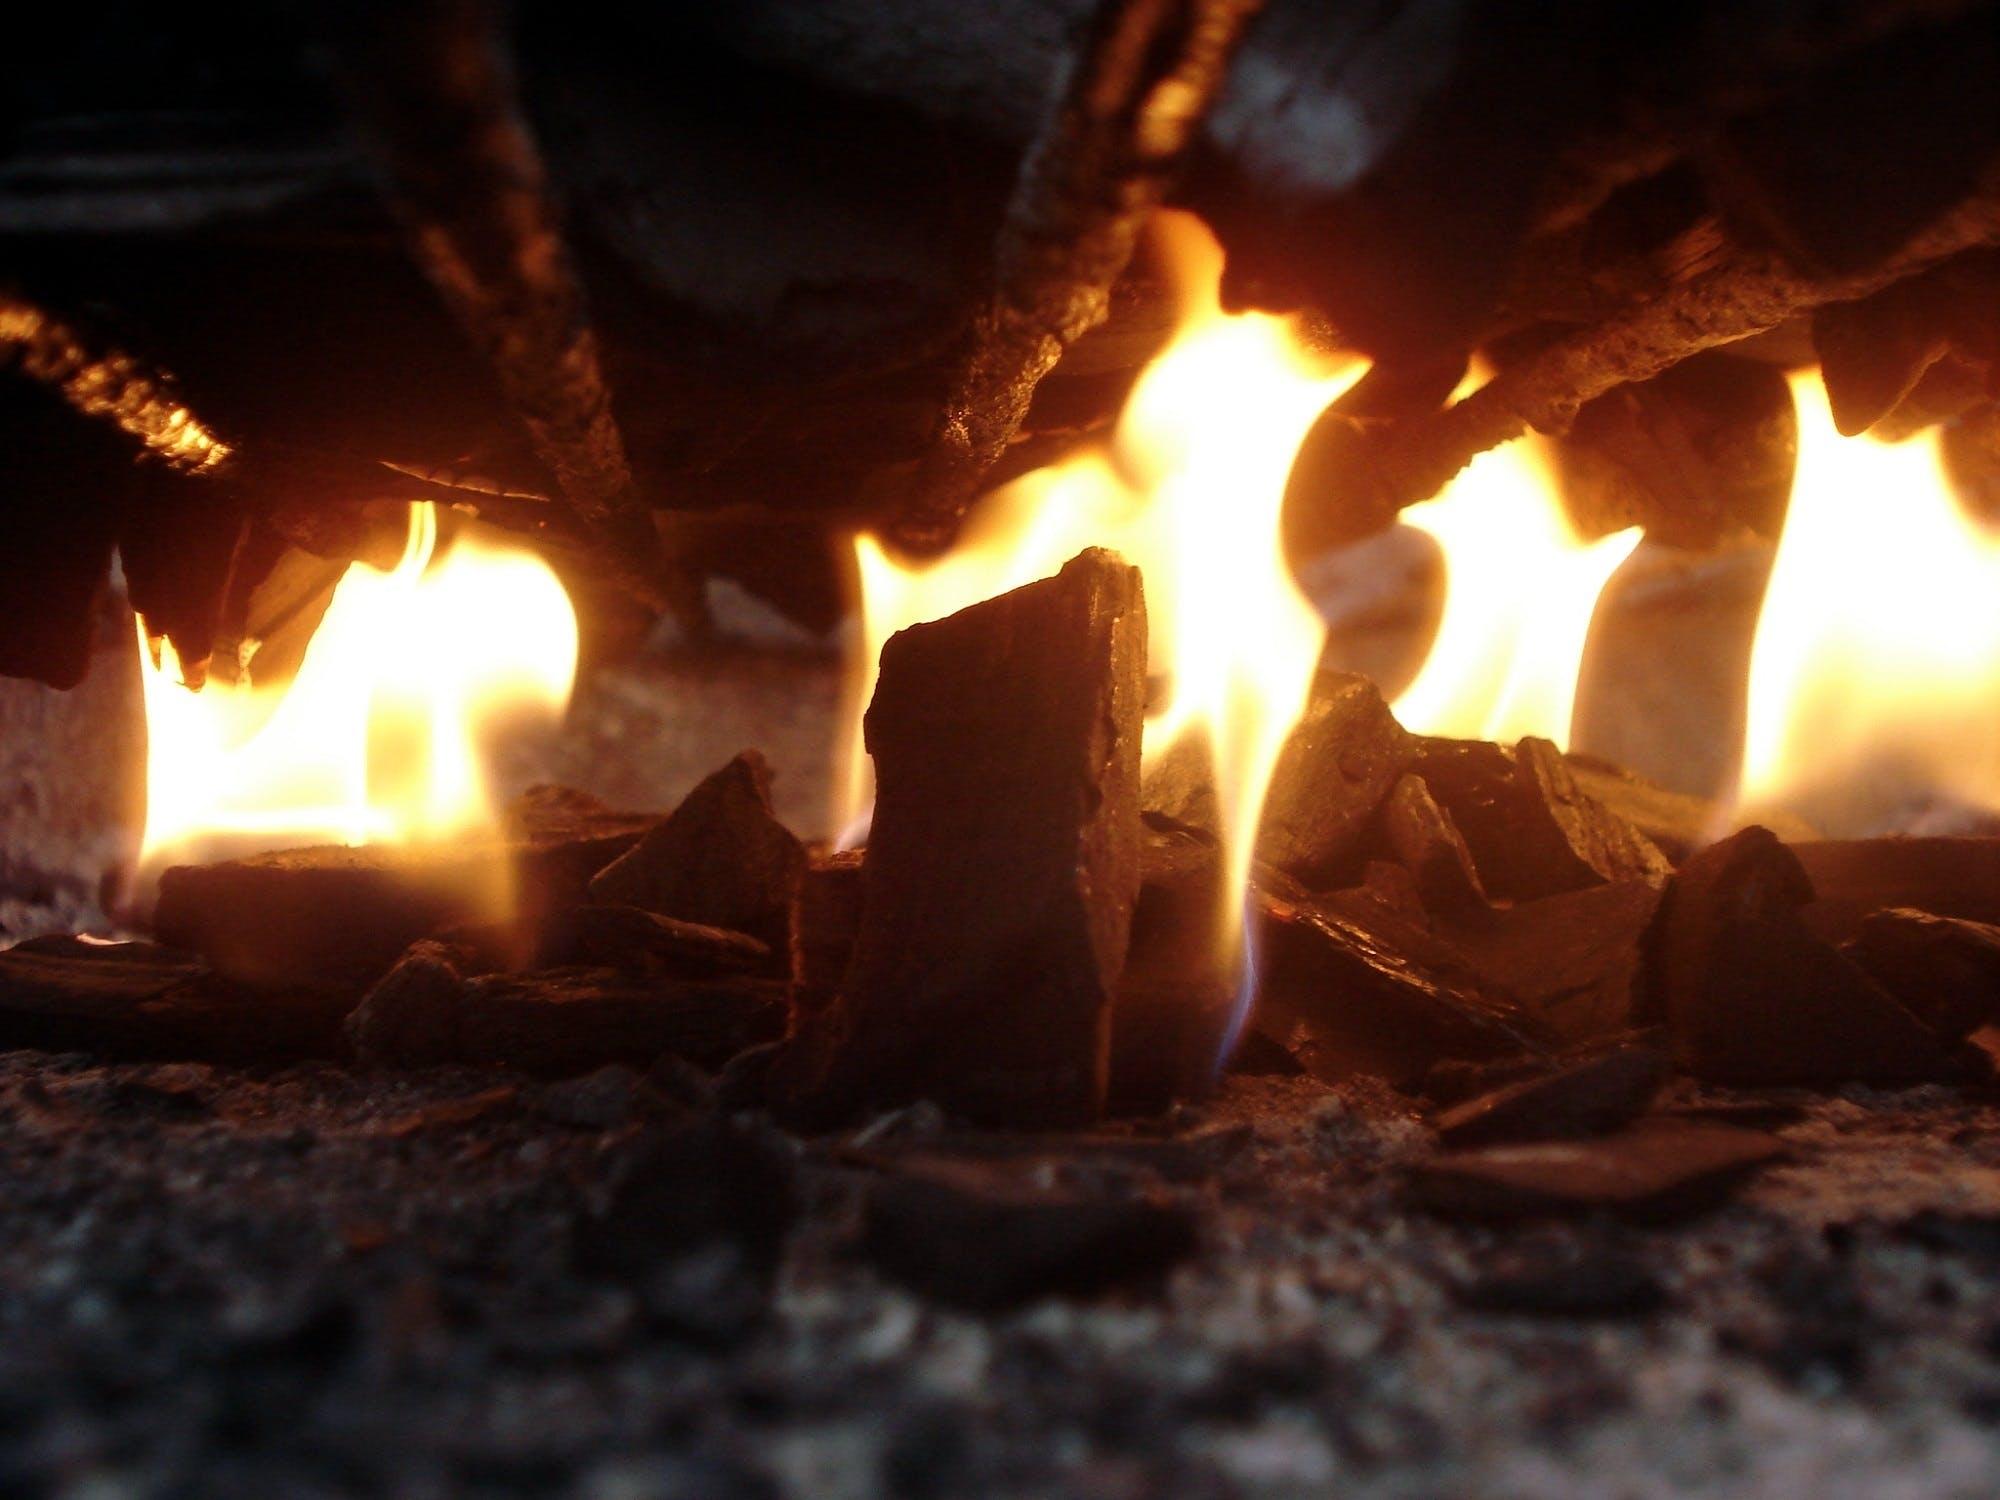 Foto profissional grátis de ardente, calor, chama, cinza-escuro